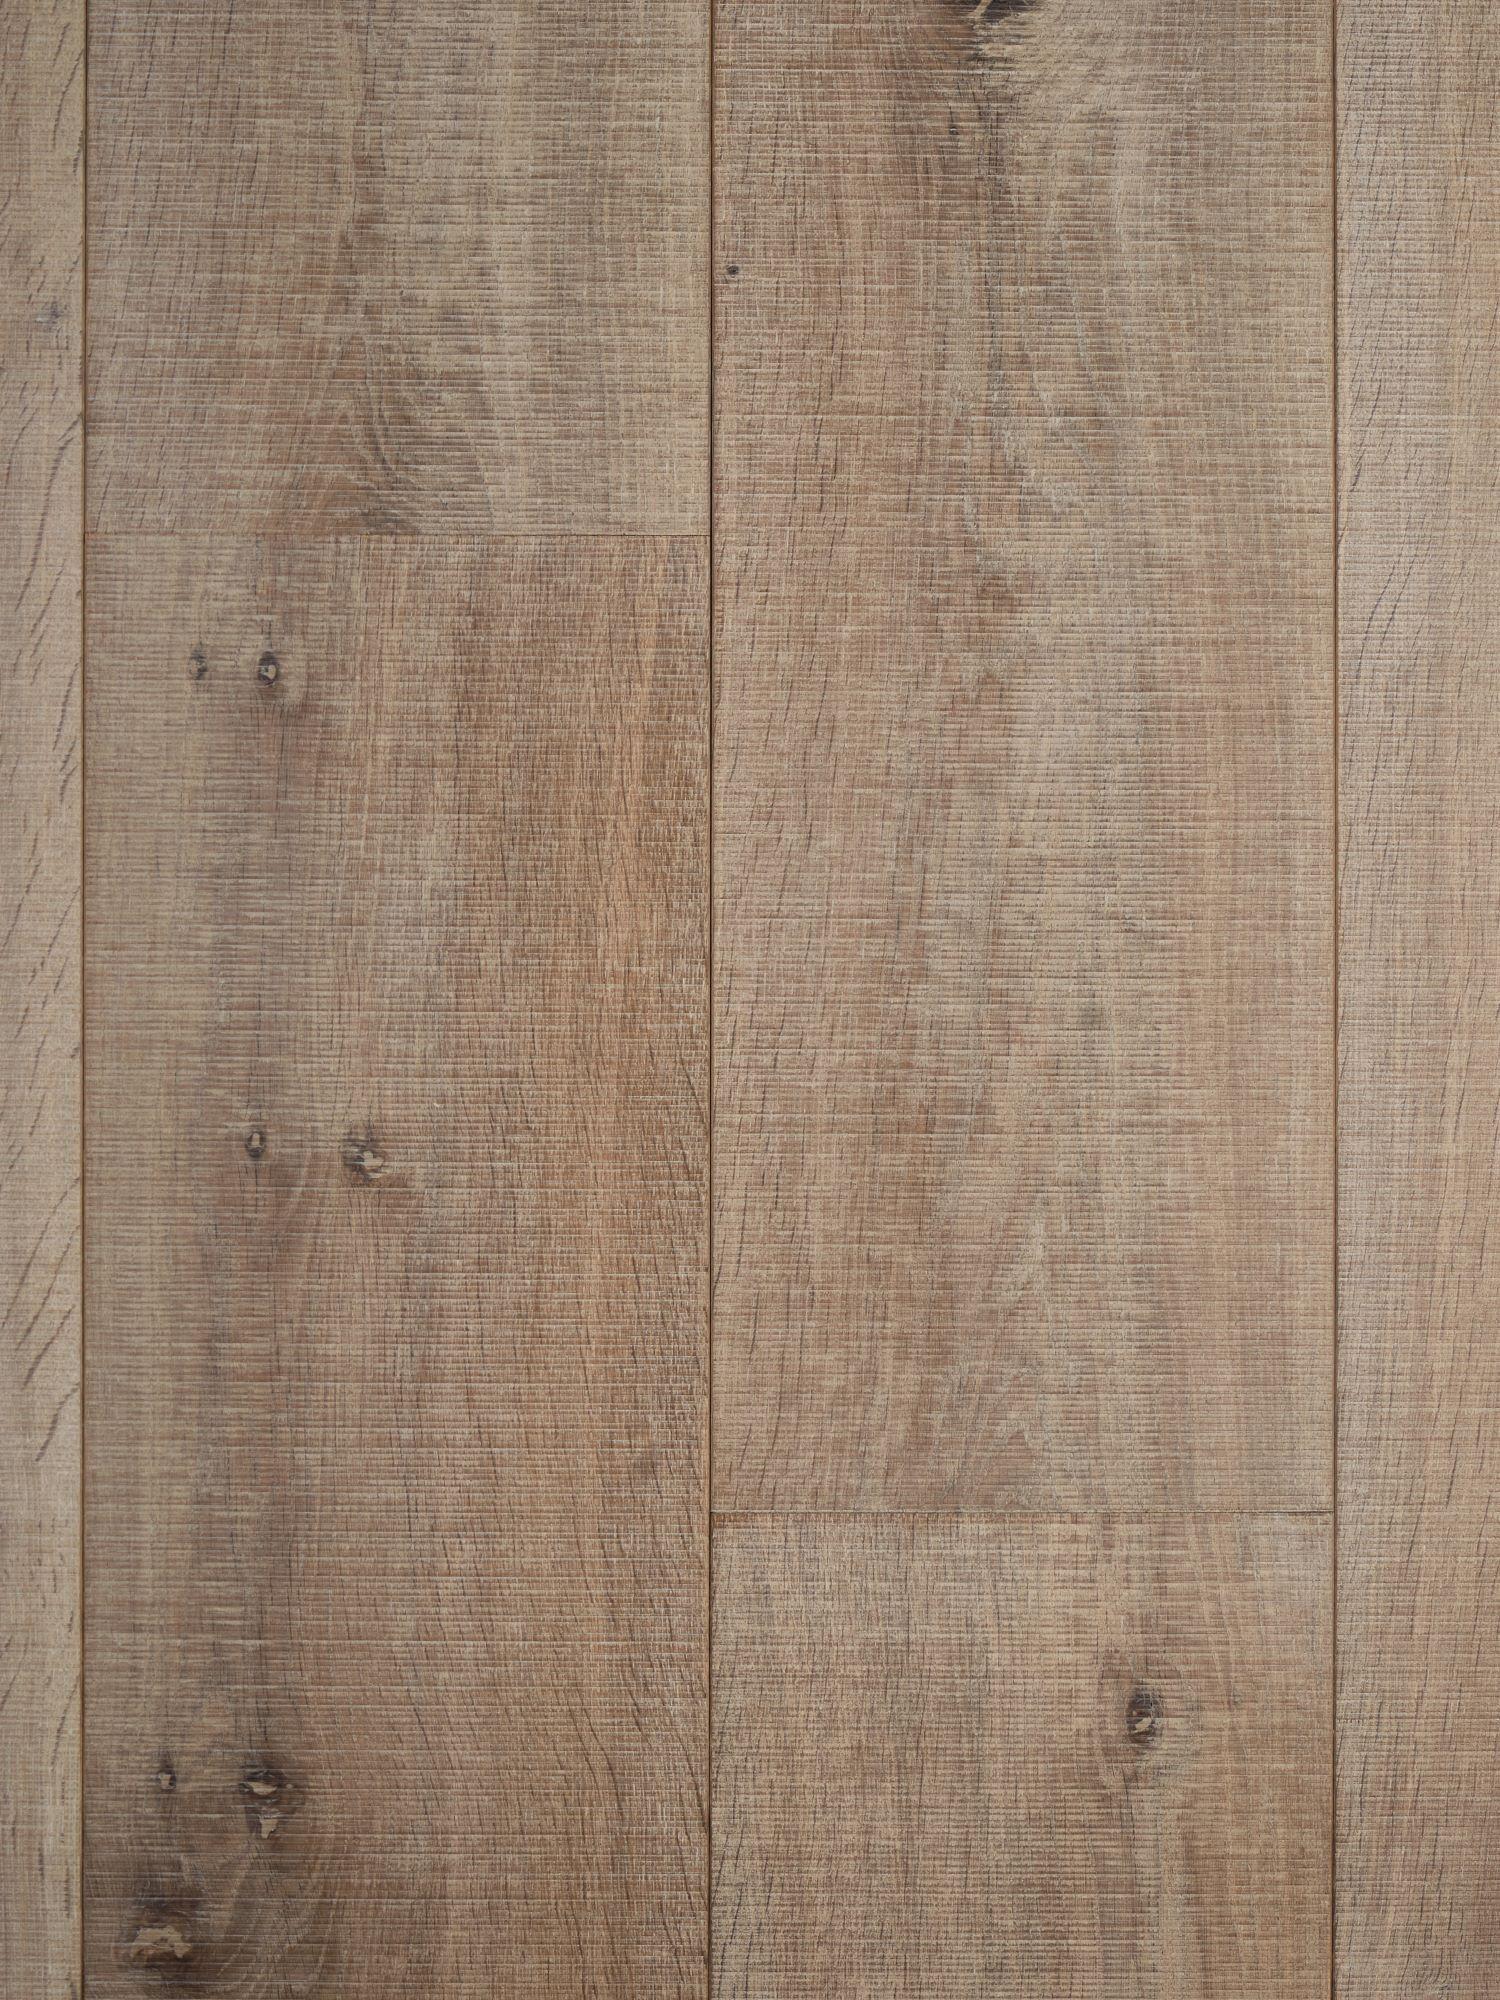 Oak tate bute plank